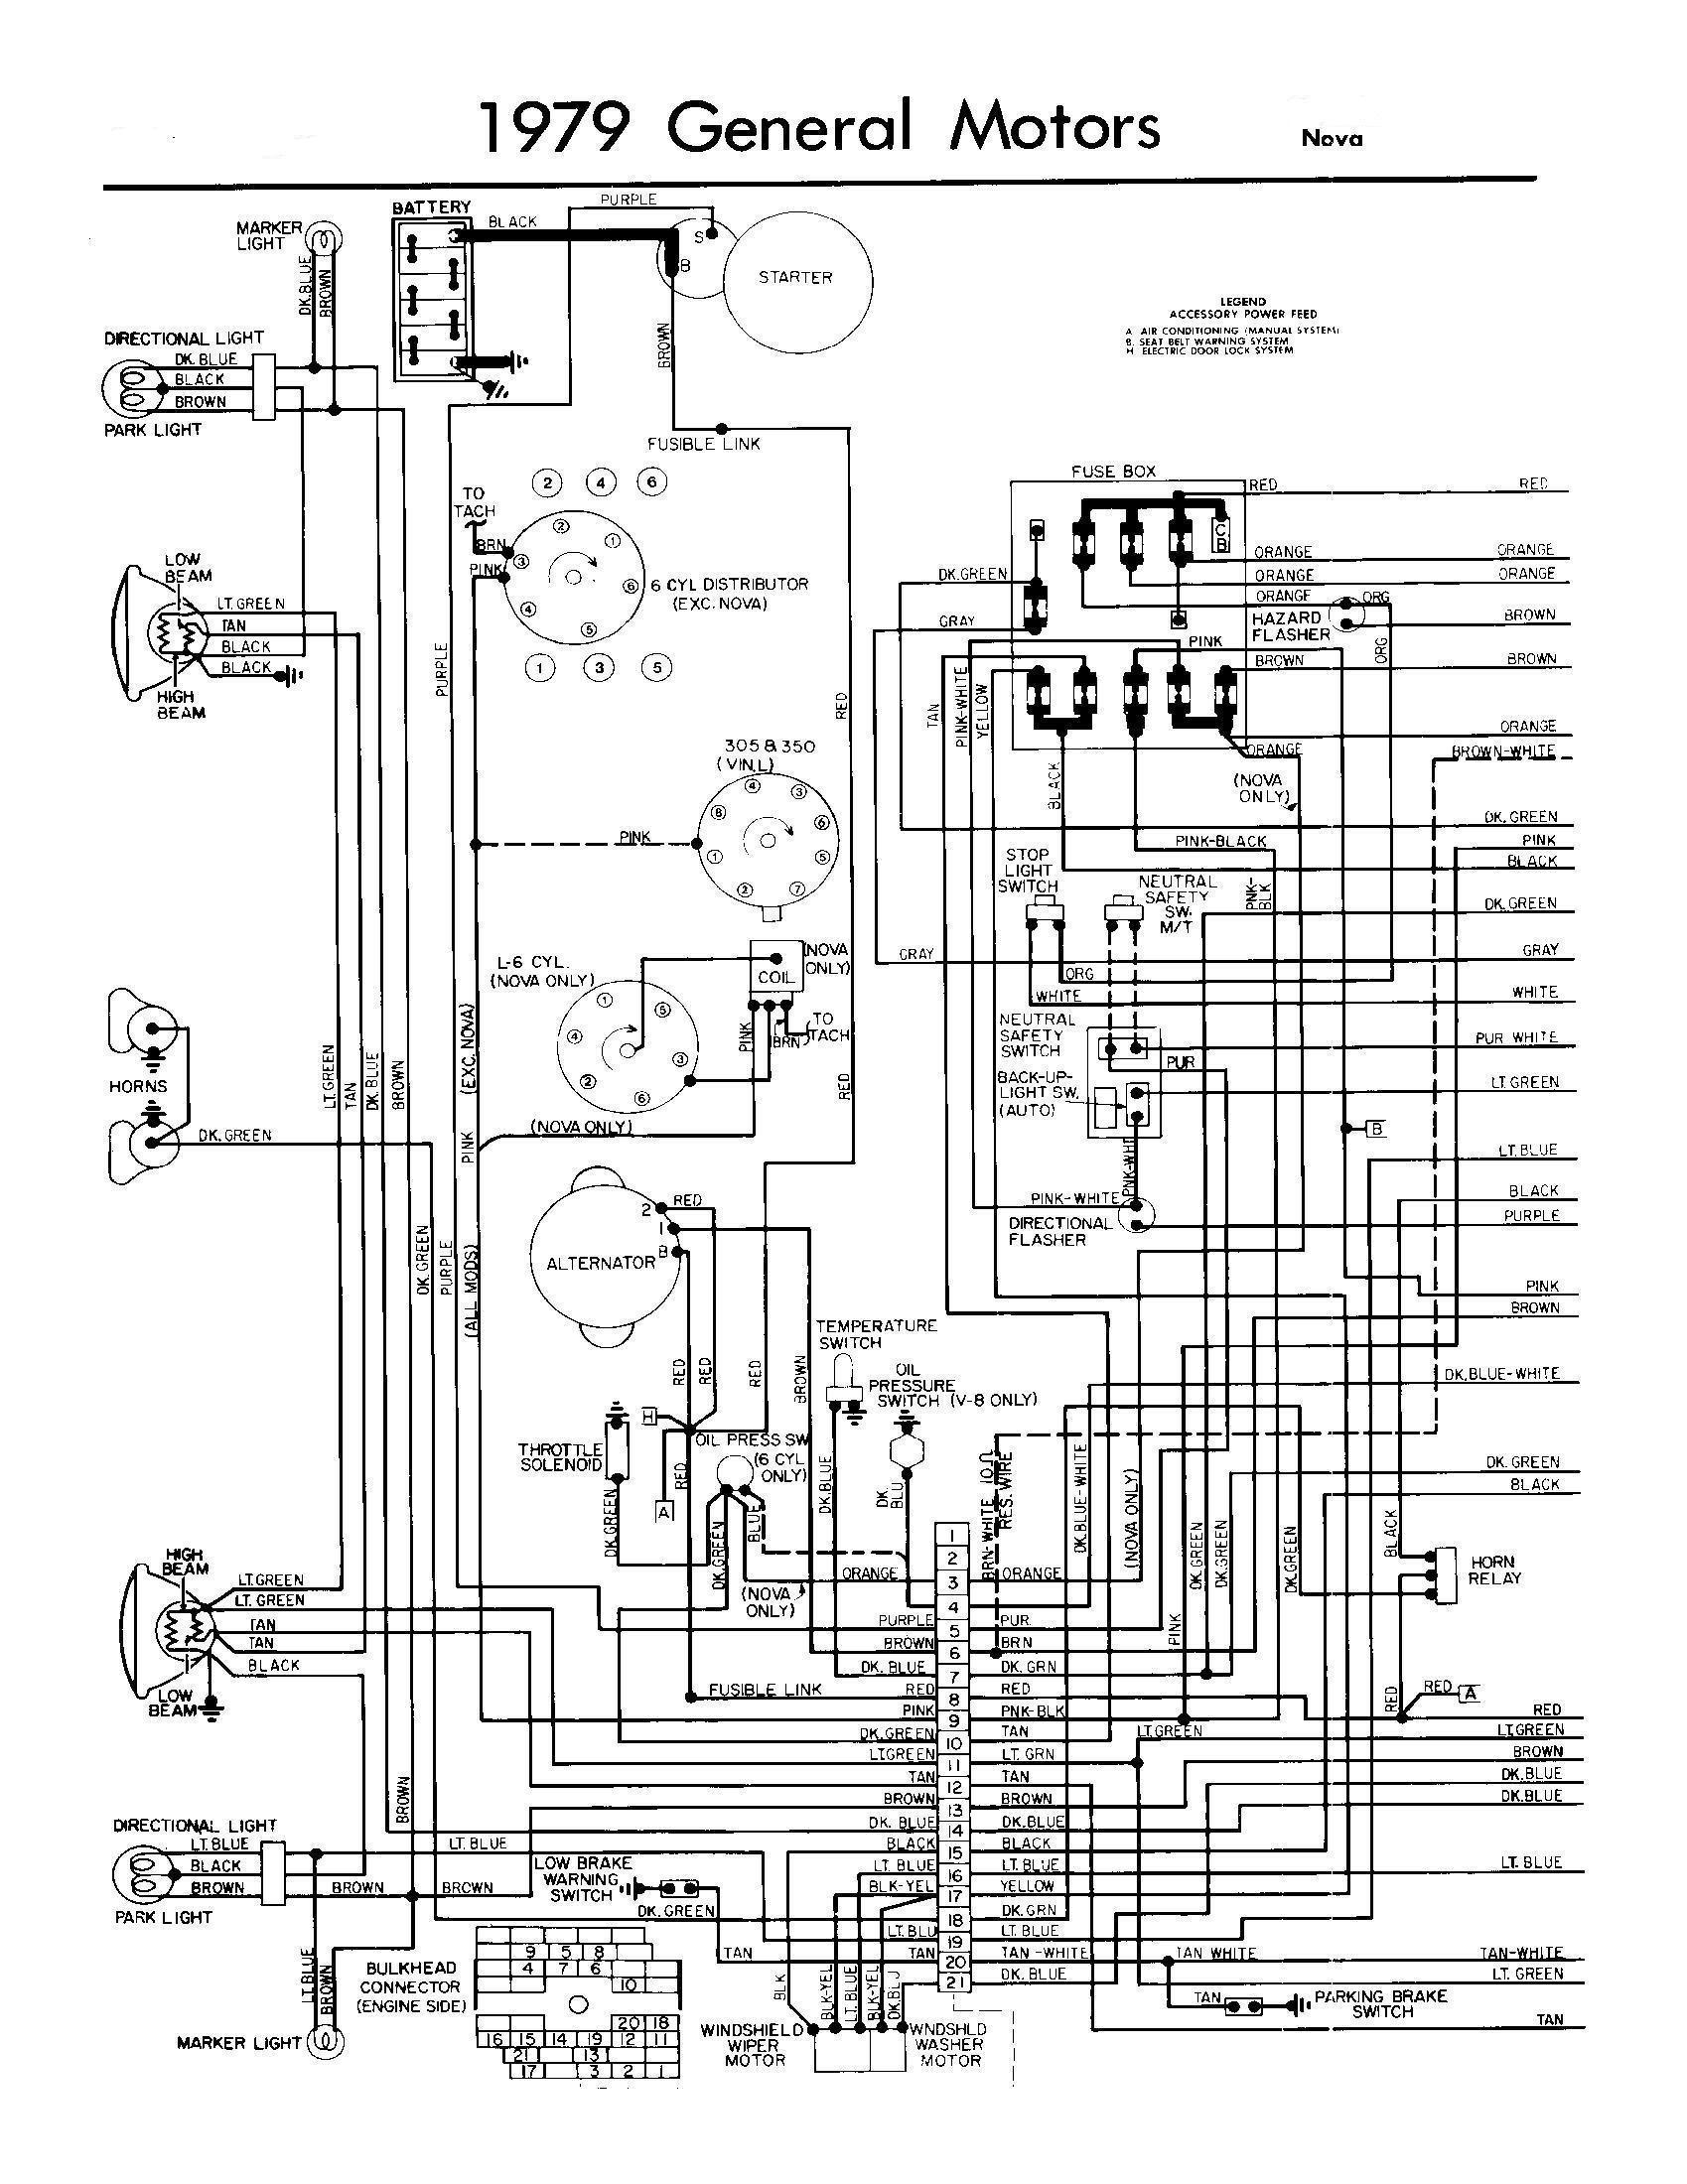 yukon rear wiper wiring diagram for